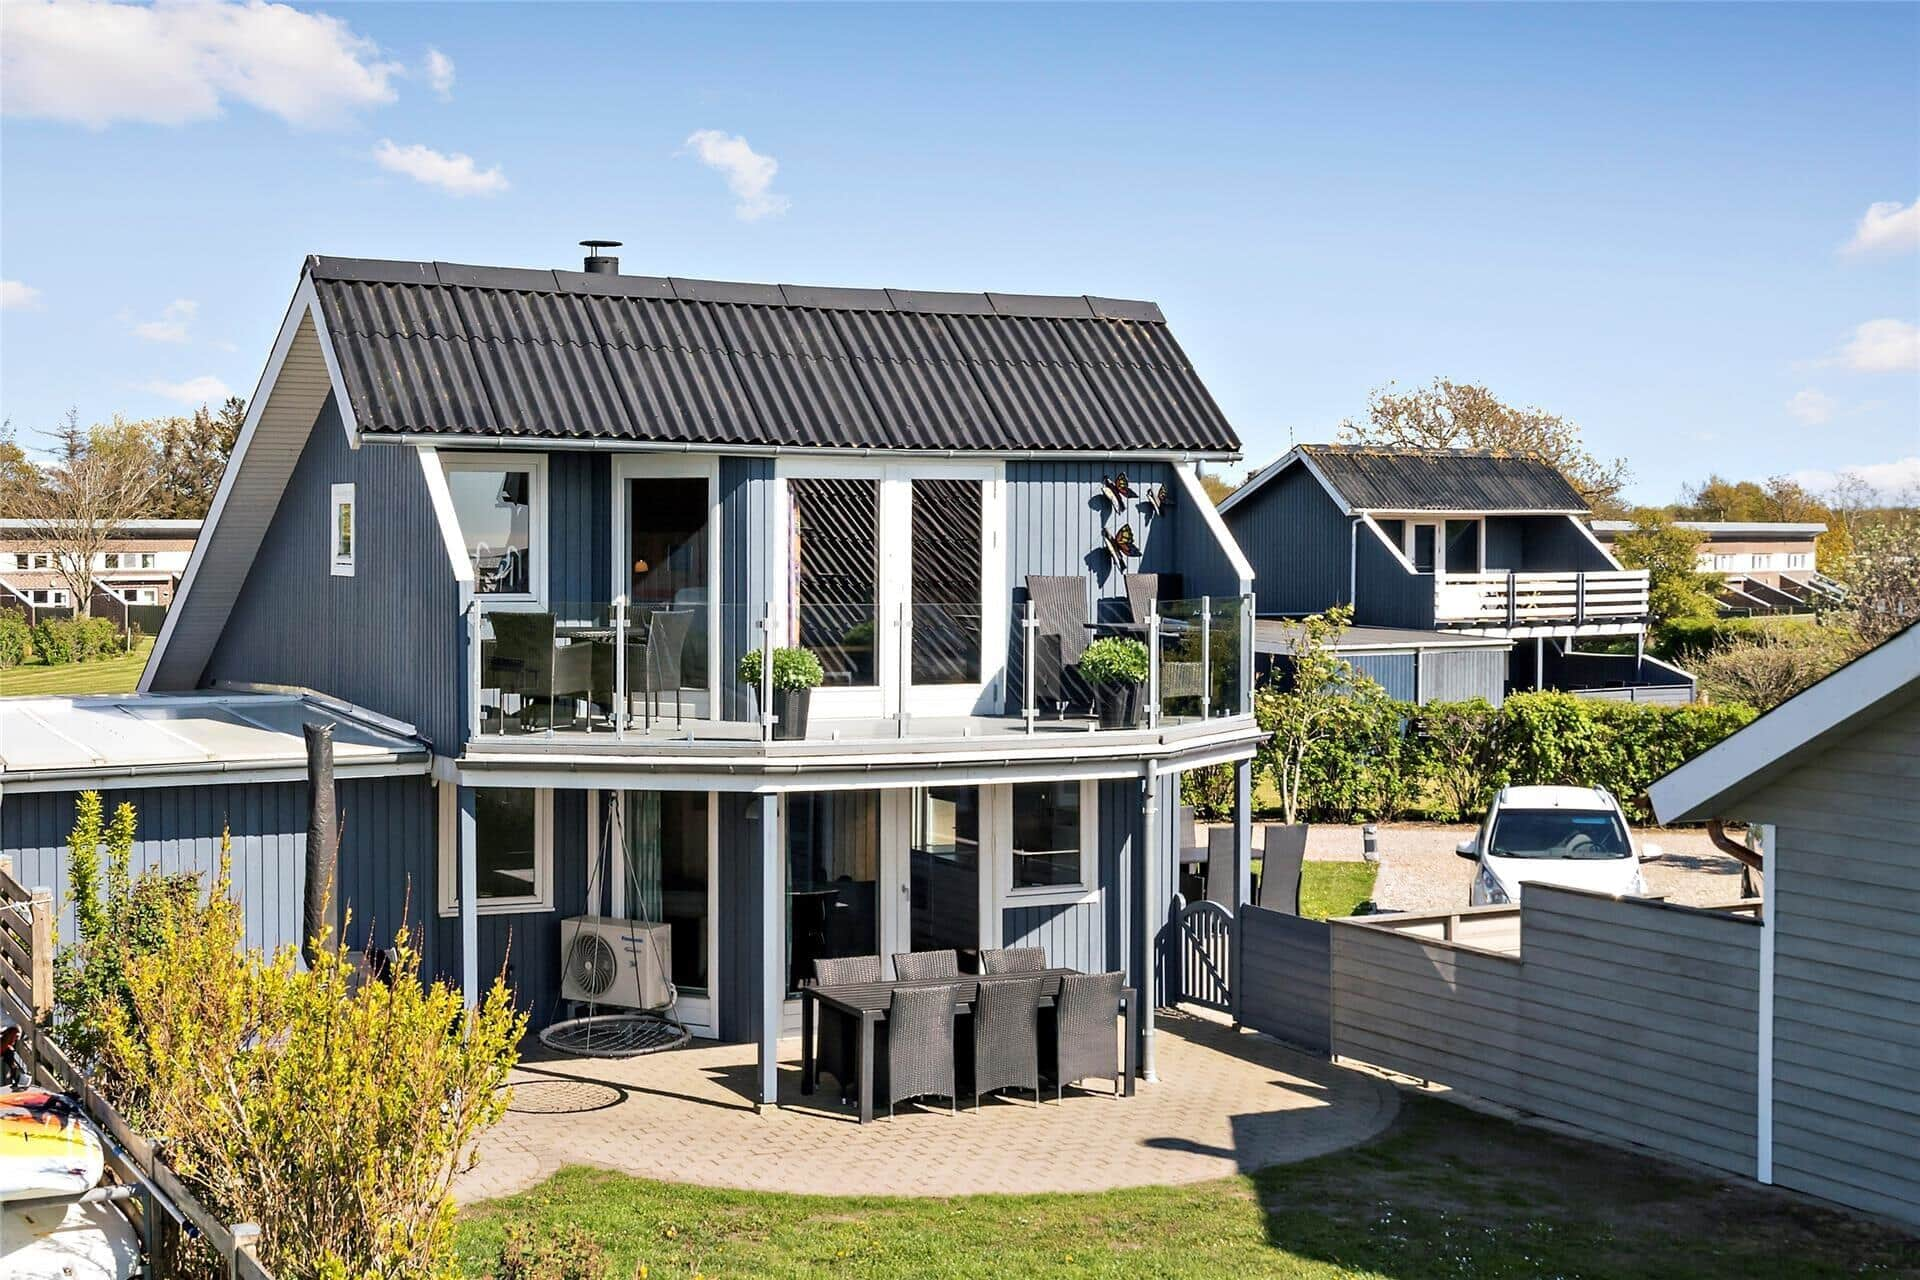 Billede 1-22 Sommerhus C11057, Vester Fælled 12, DK - 6893 Hemmet